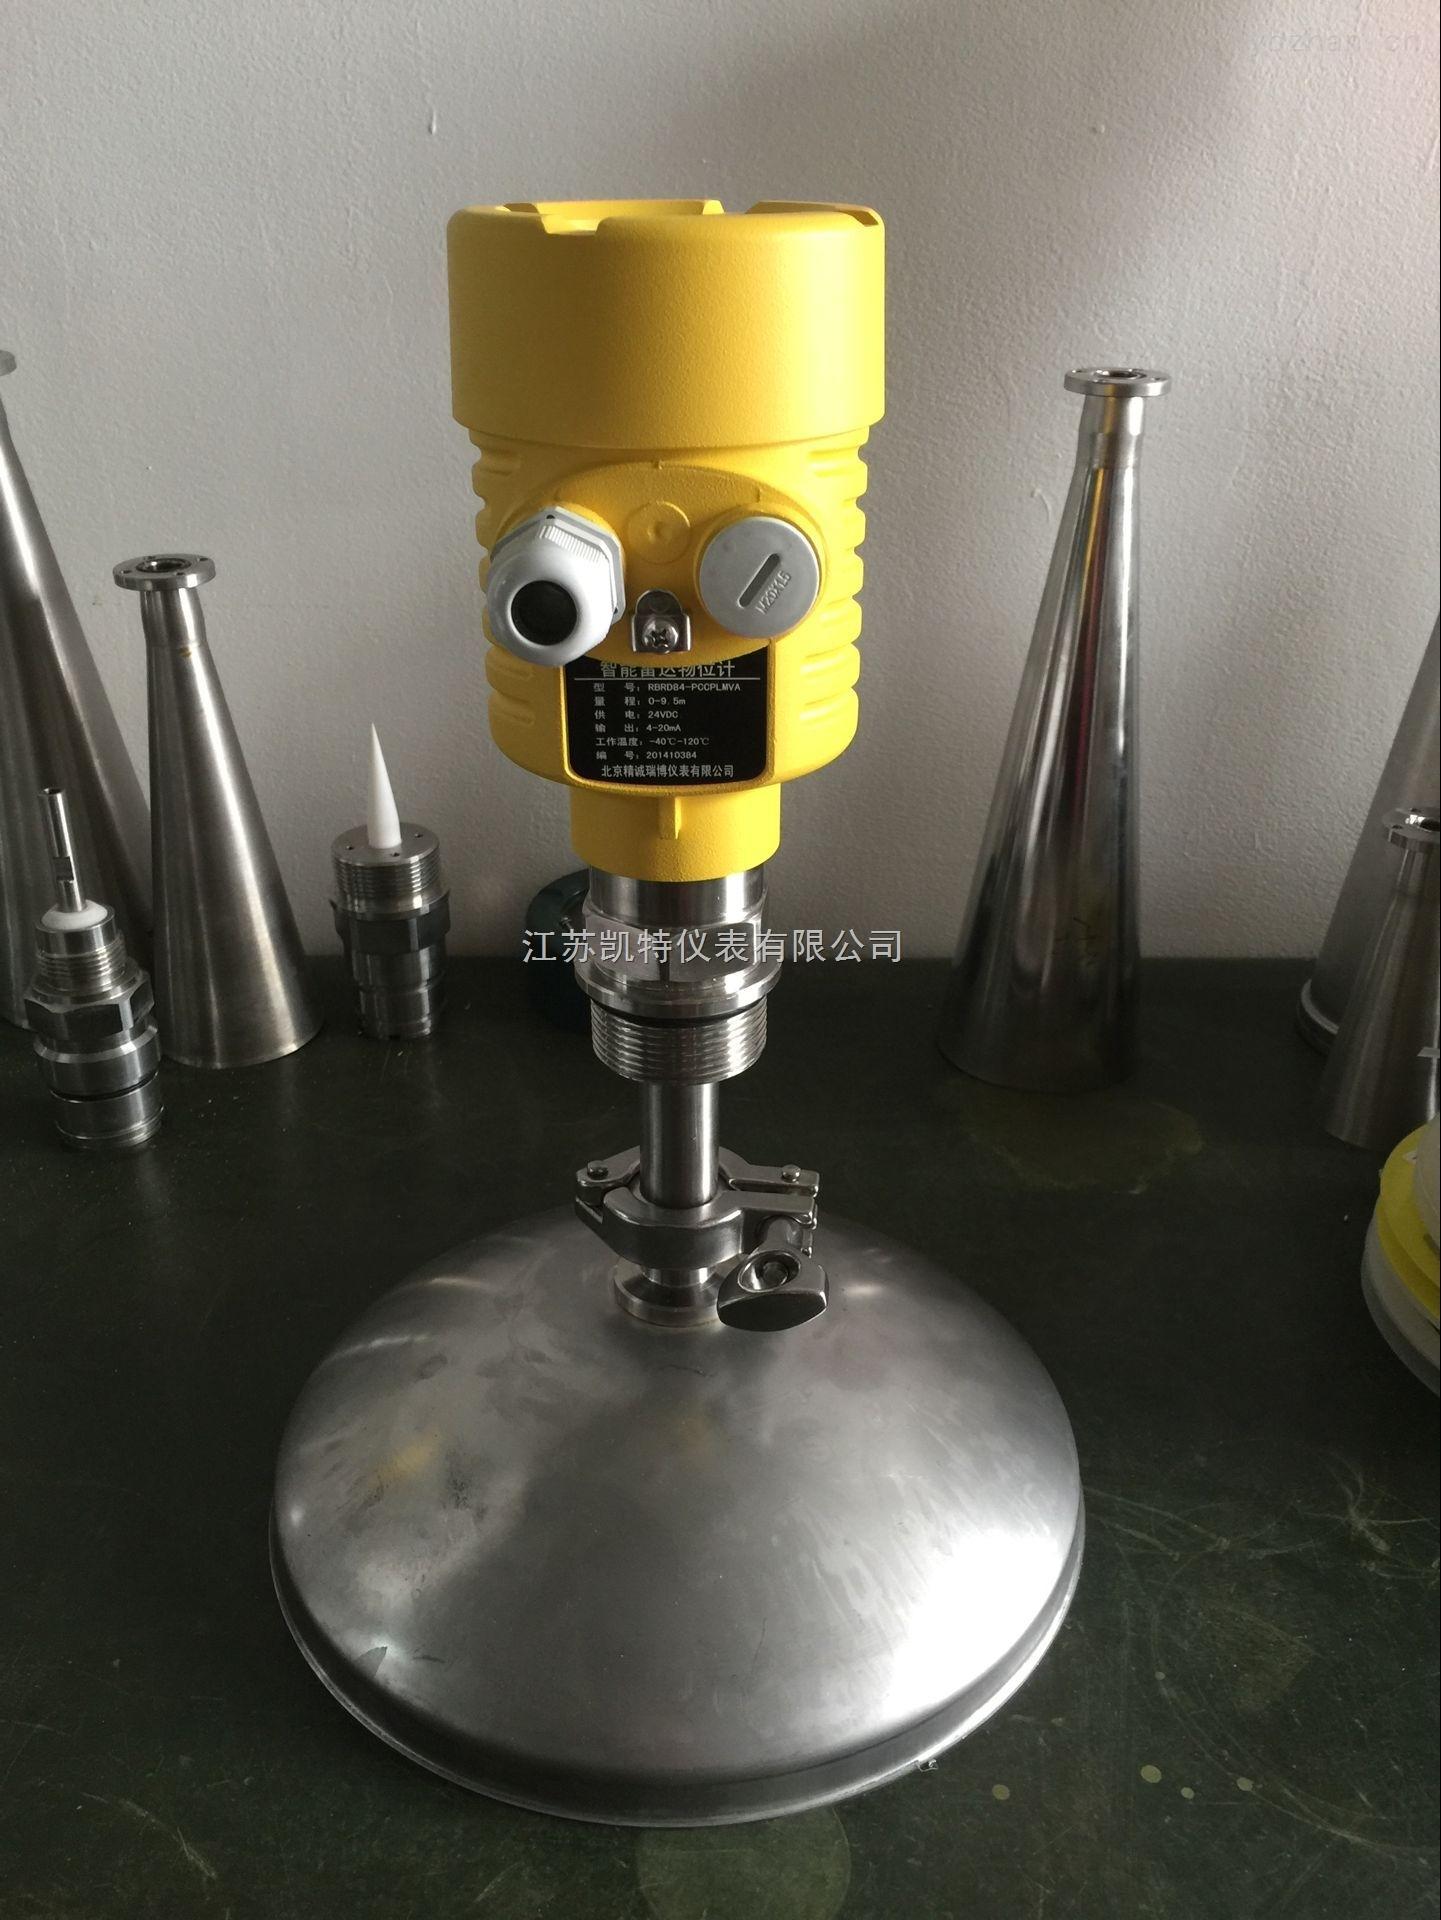 高頻雷達料位計廠家直銷